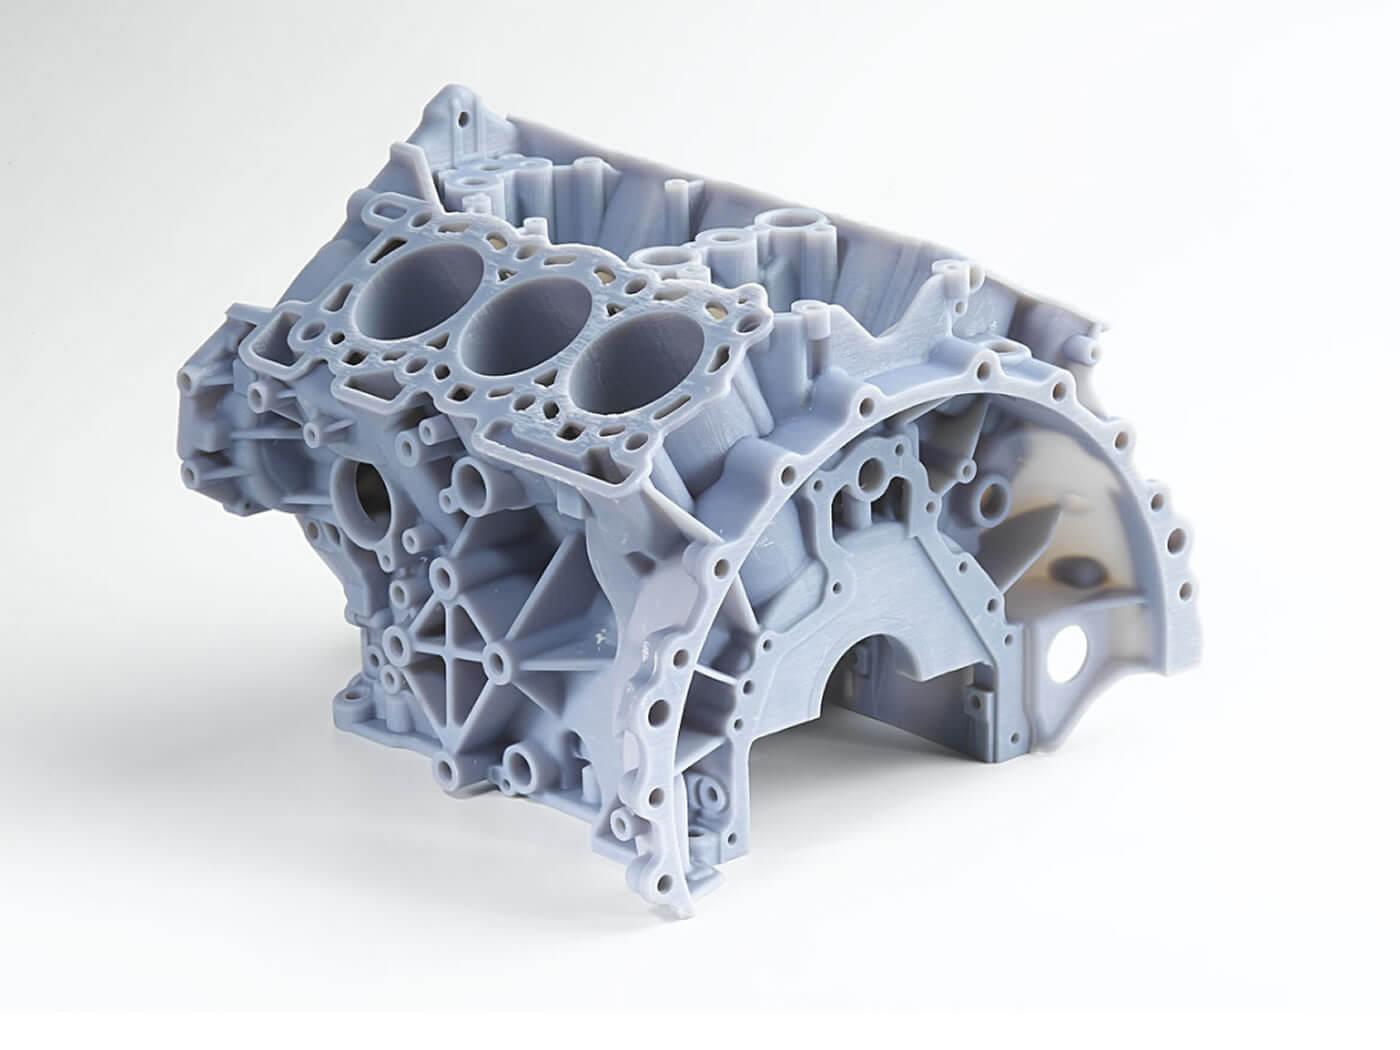 Moteur imprimé en 3D avec PolyJet EDEN OBJET.